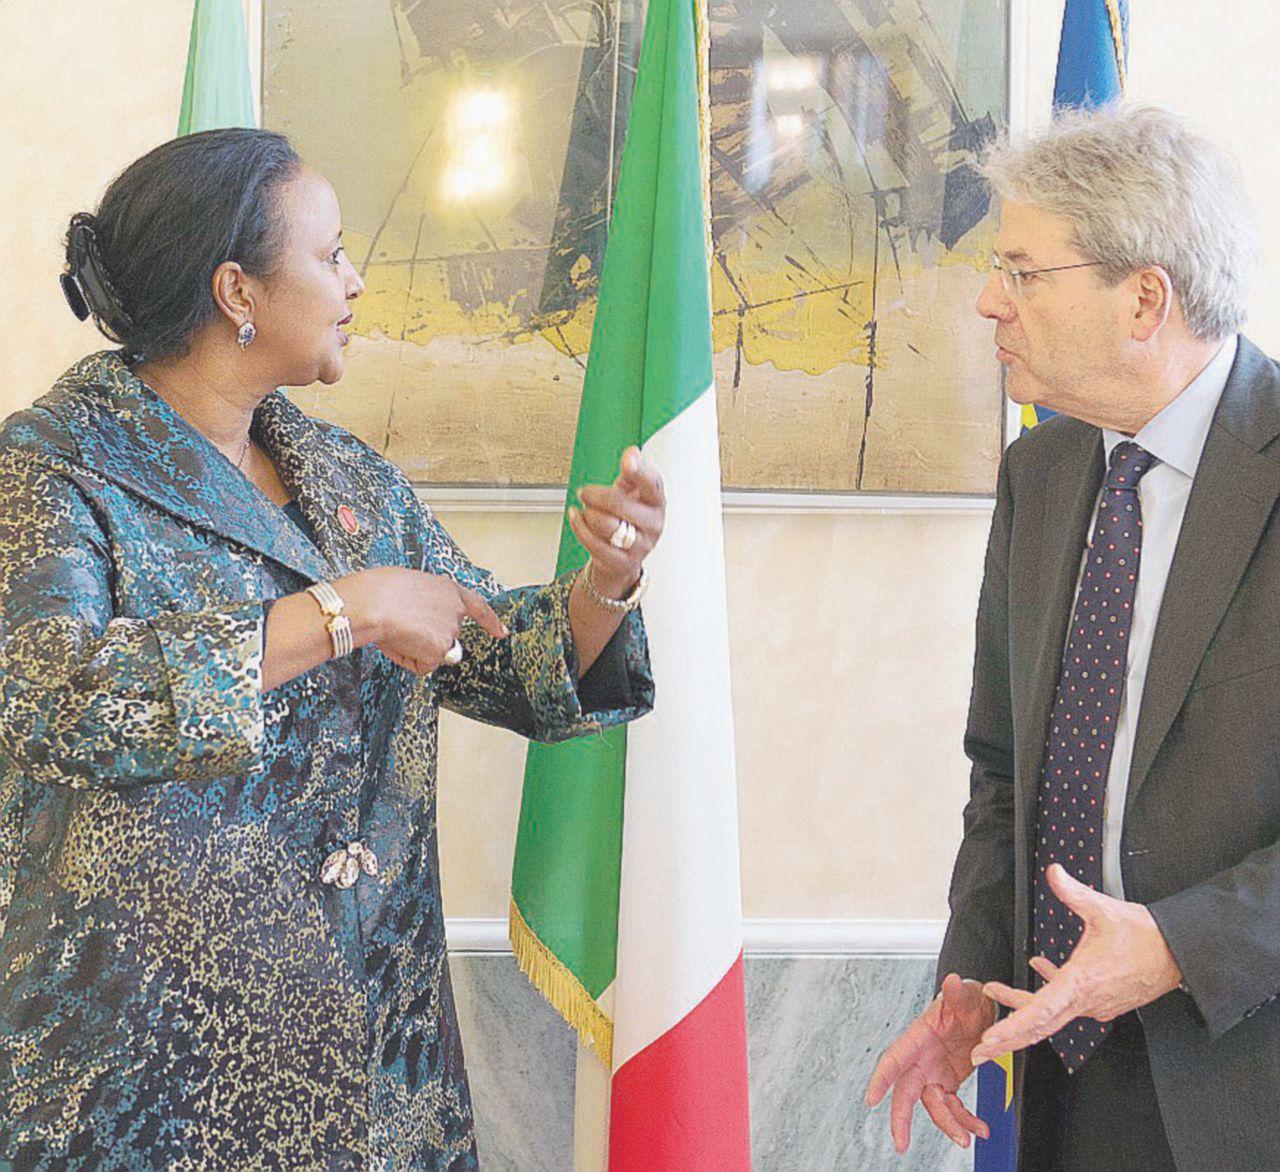 Altro che aiuti, ora l'Africa va conquistata (di nuovo)